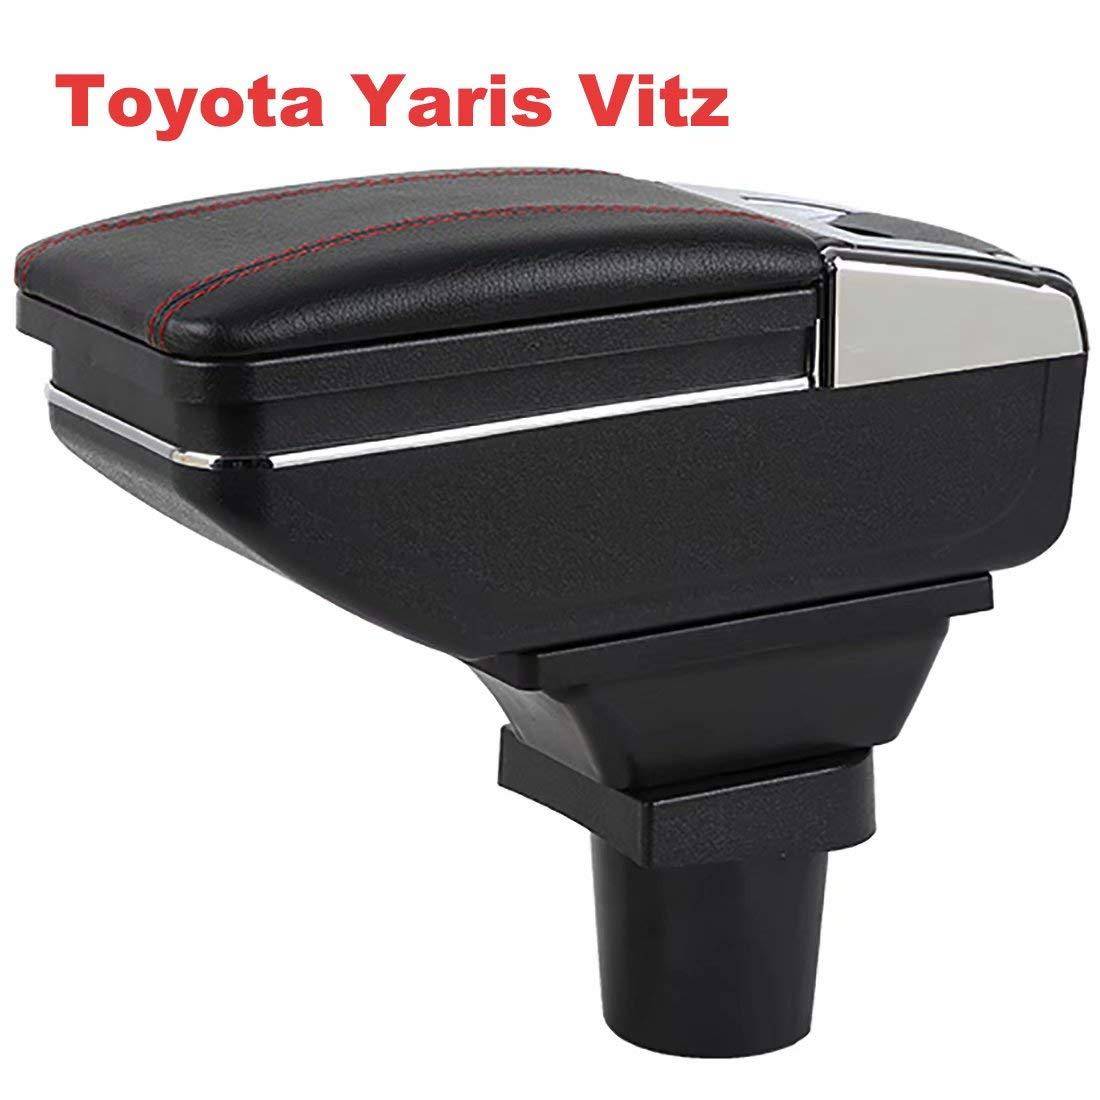 Per Yaris Vitz 1998-2005 Scatola braccioli Console di stoccaggio con posacenere e portabicchieri